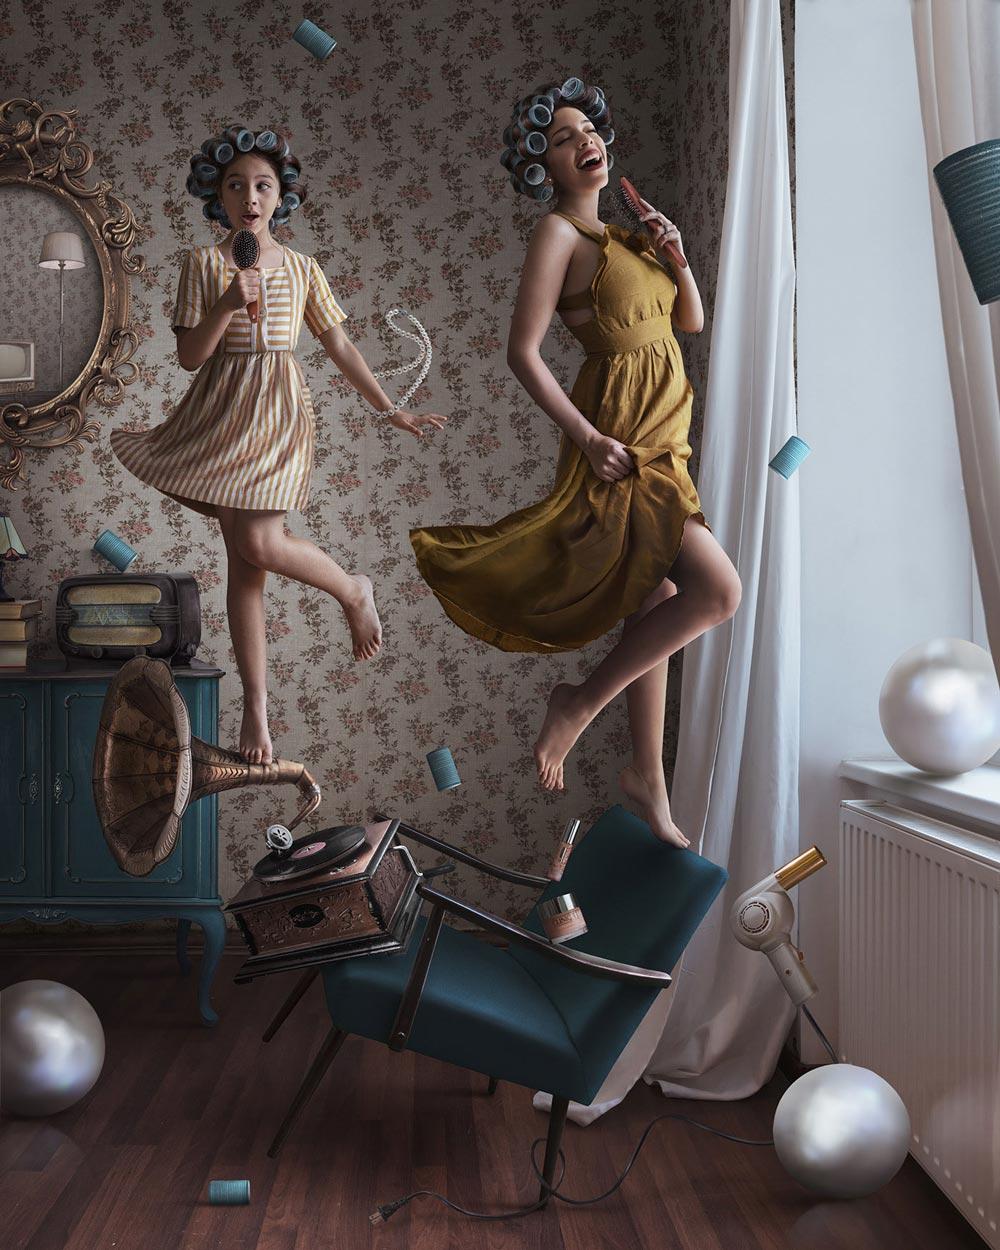 Vanessa Rivera 创意合成人像系列作品 时尚图库 第20张